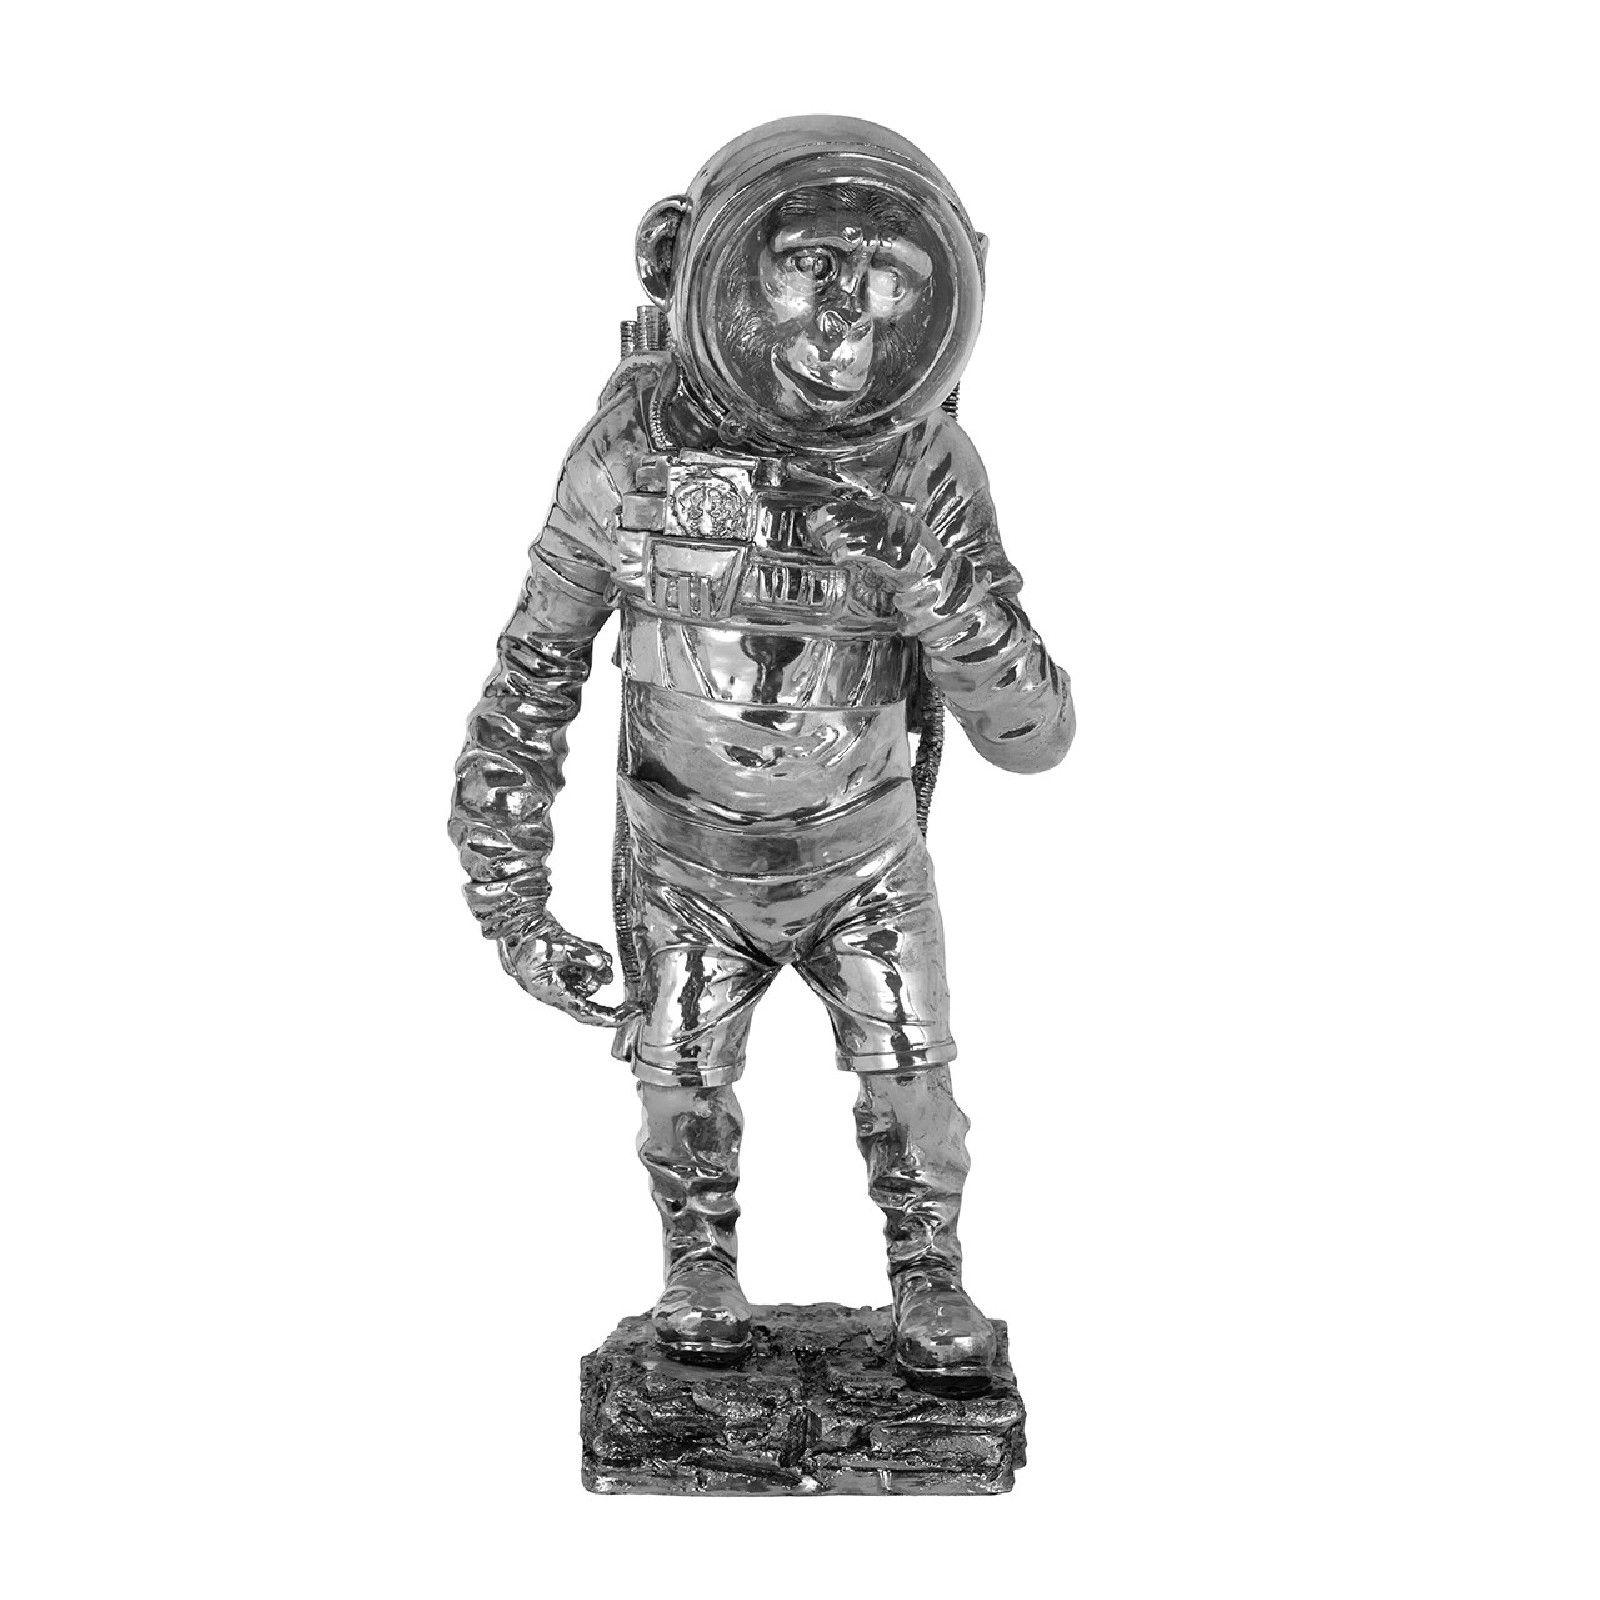 Art Decoration Space Monkey Figures décoratives - 224